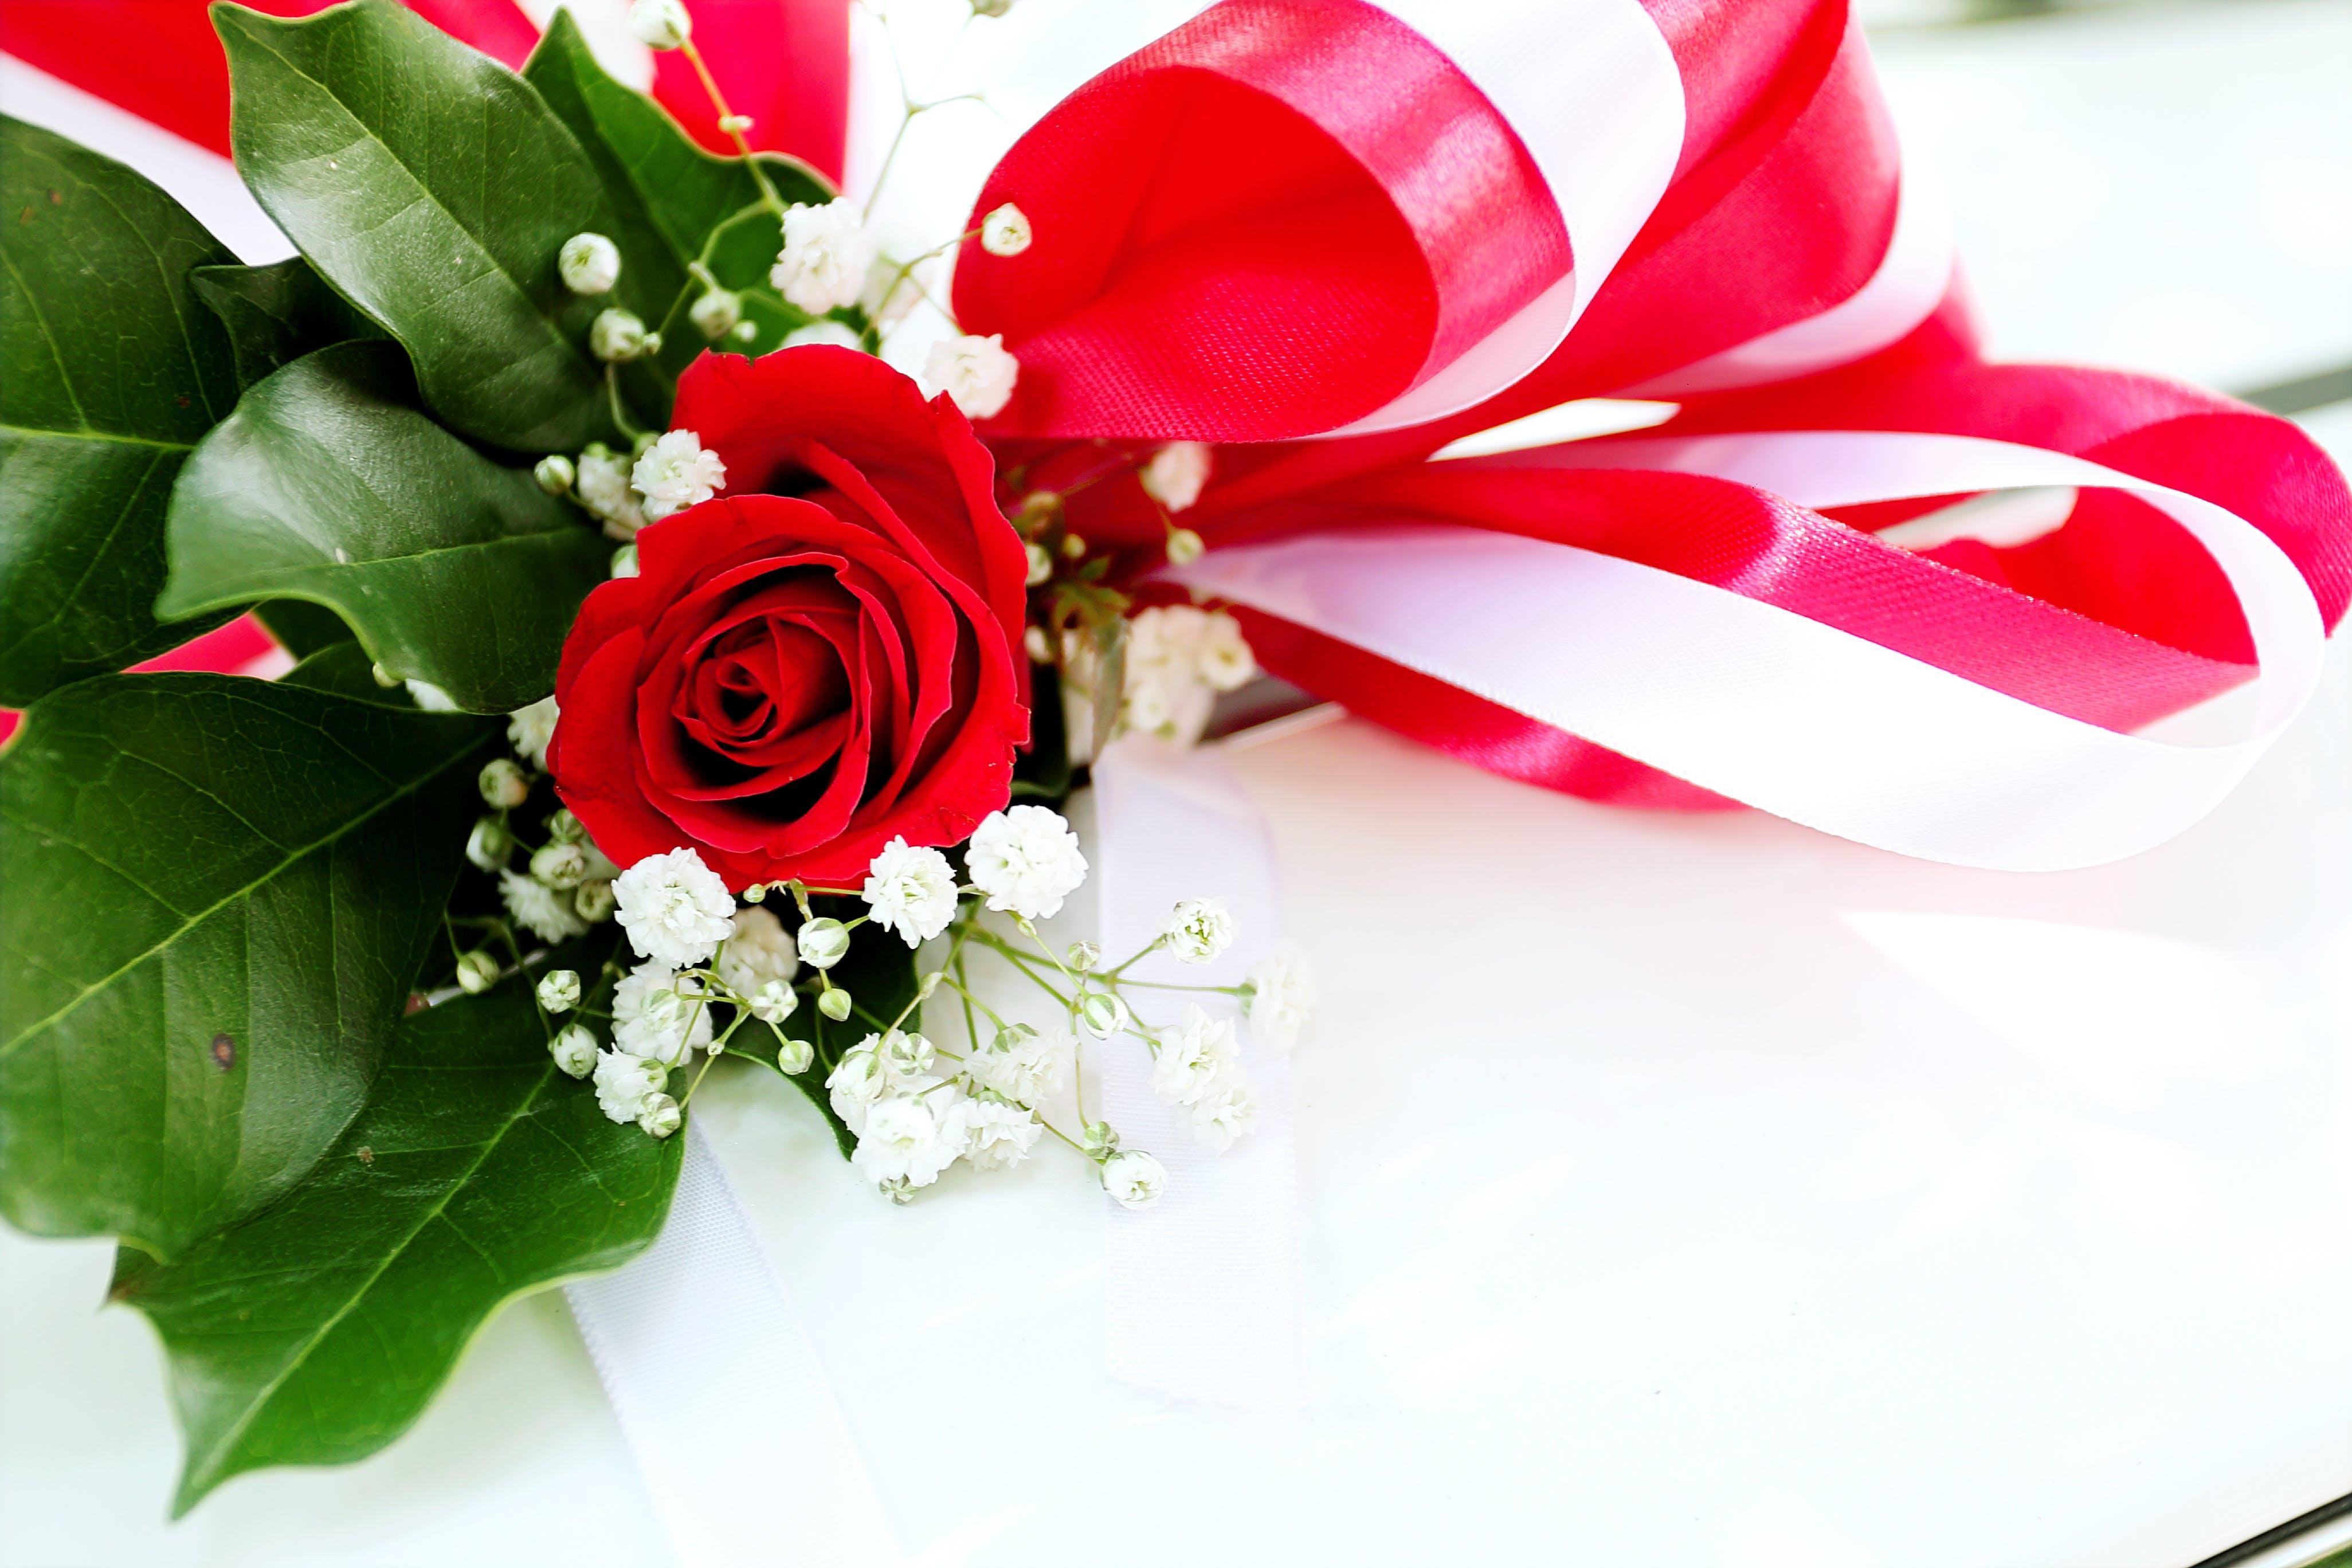 bånd, blomst, blomstrende